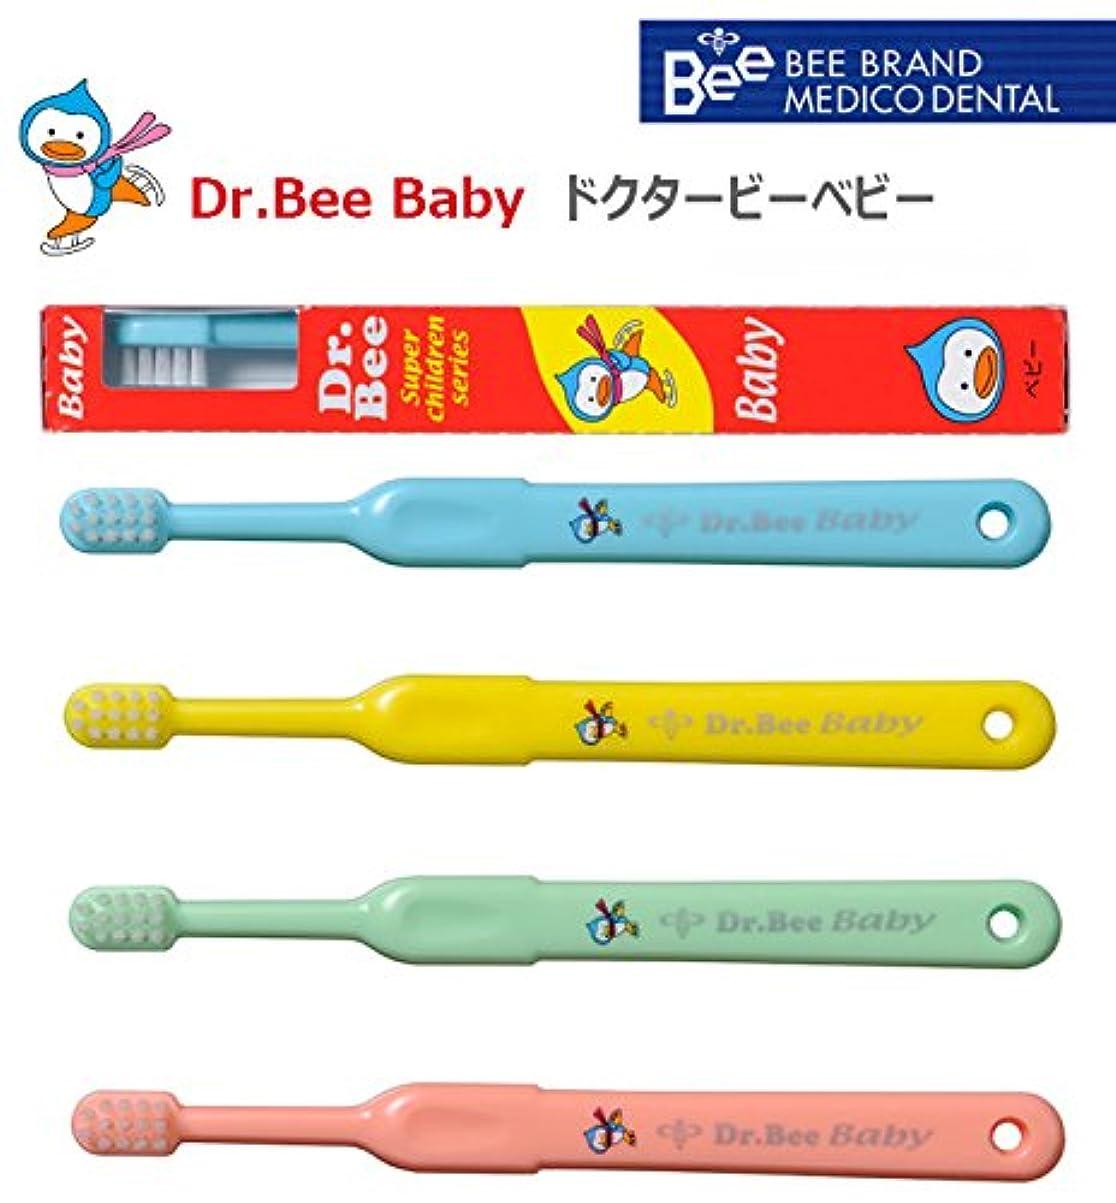 感情構造的キャンペーンビーブランド ドクタービー Dr.Bee ベビー 4色アソート 20本